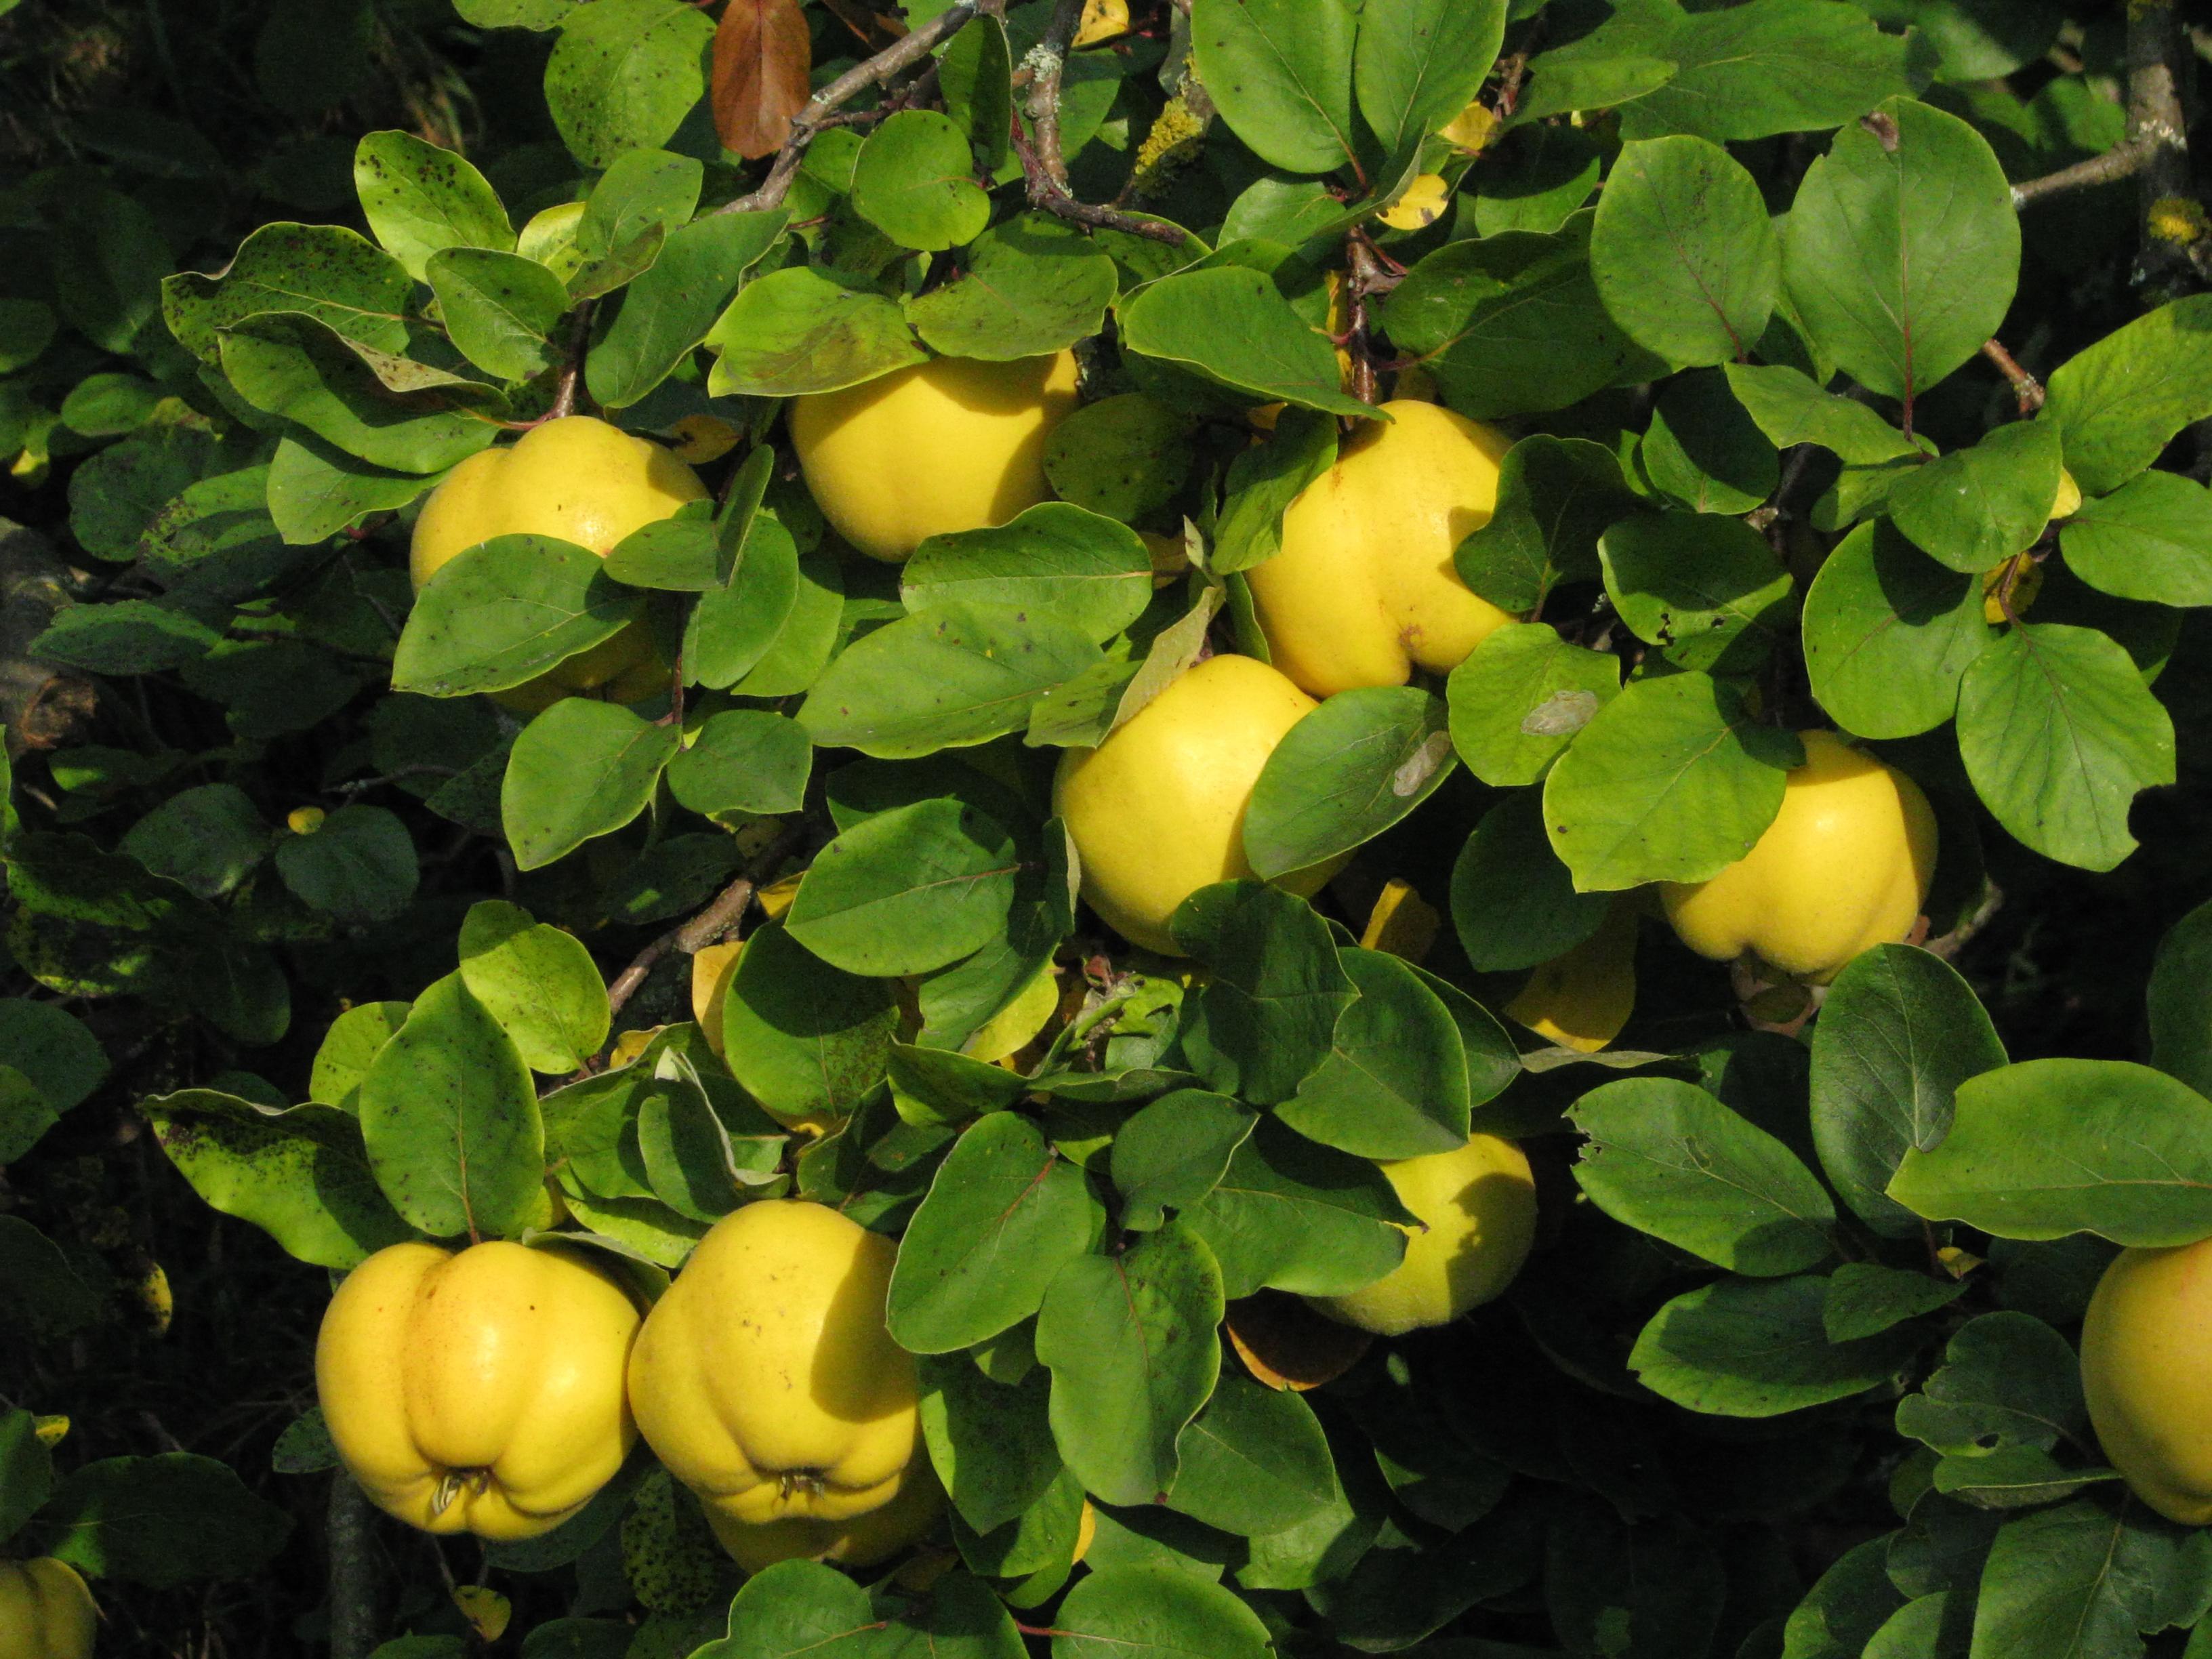 Birsfa termése